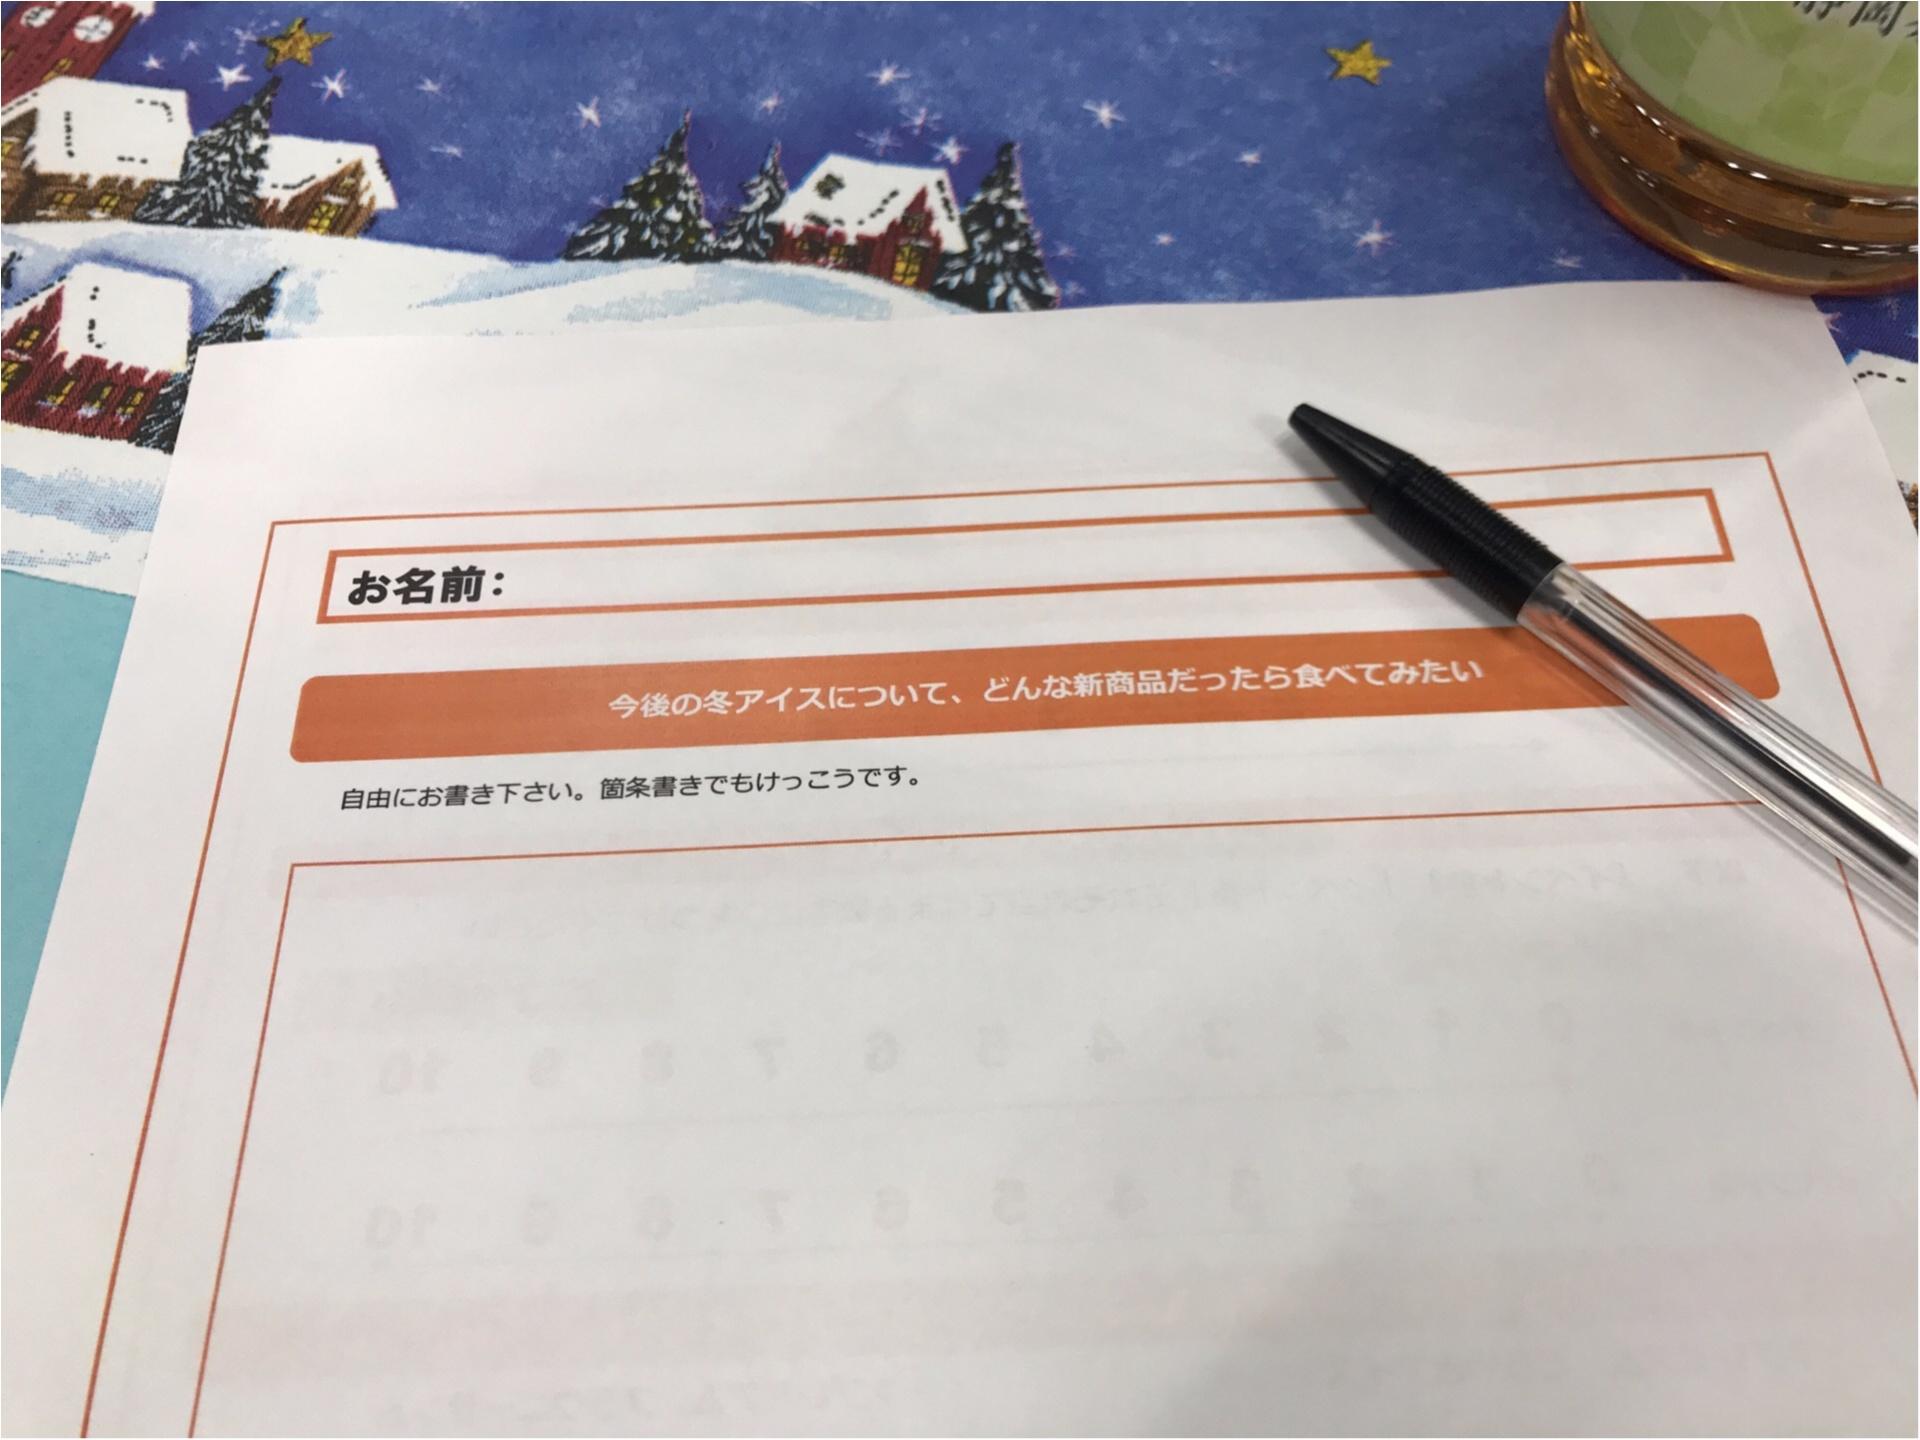 【セブンスイーツアンバサダー】冬アイスを先取り!発売前試食会に参加しました♡_16